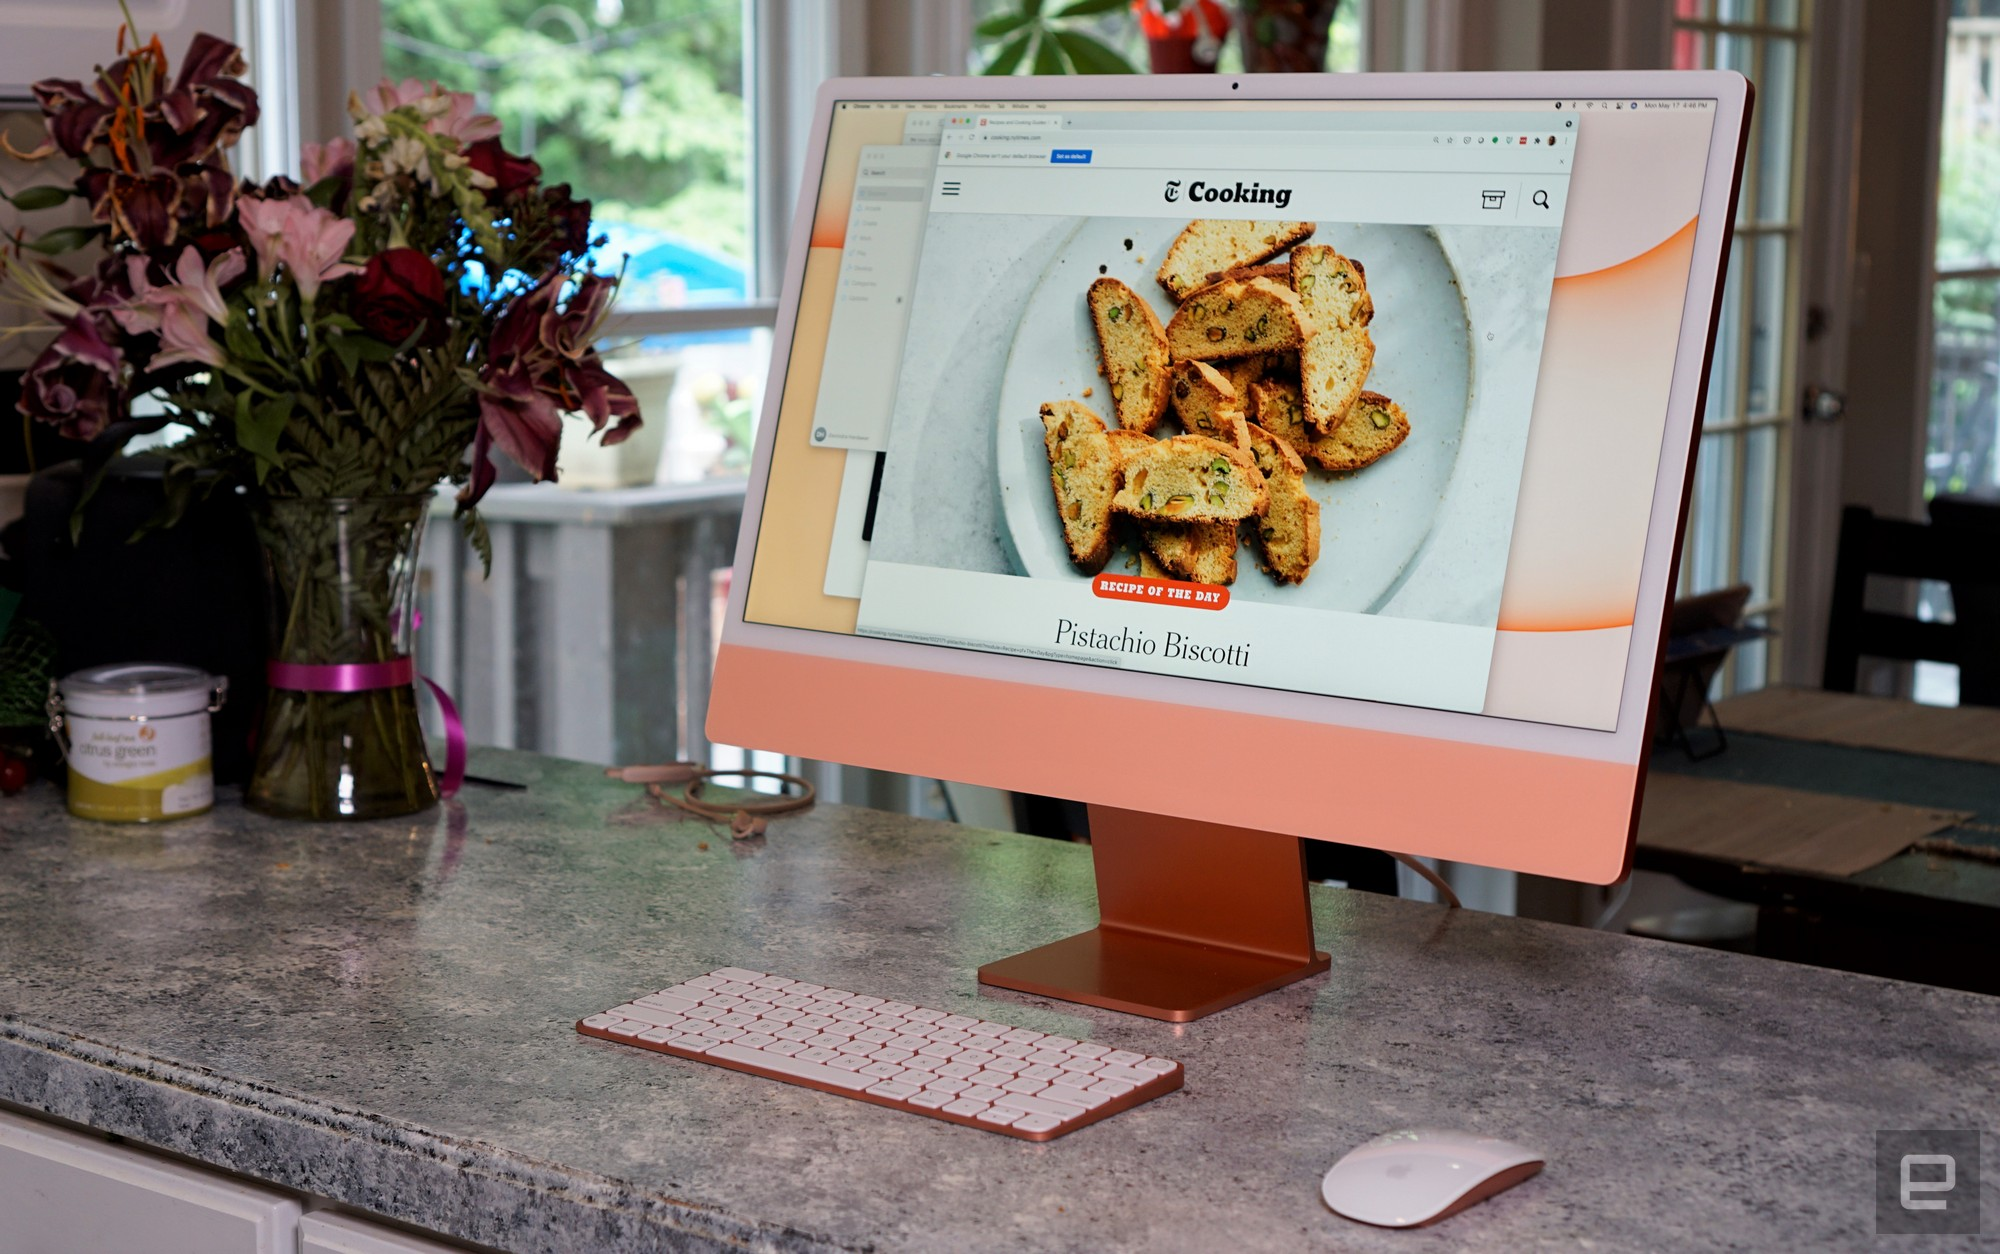 Apple iMac M1 review: The ideal portable desktop